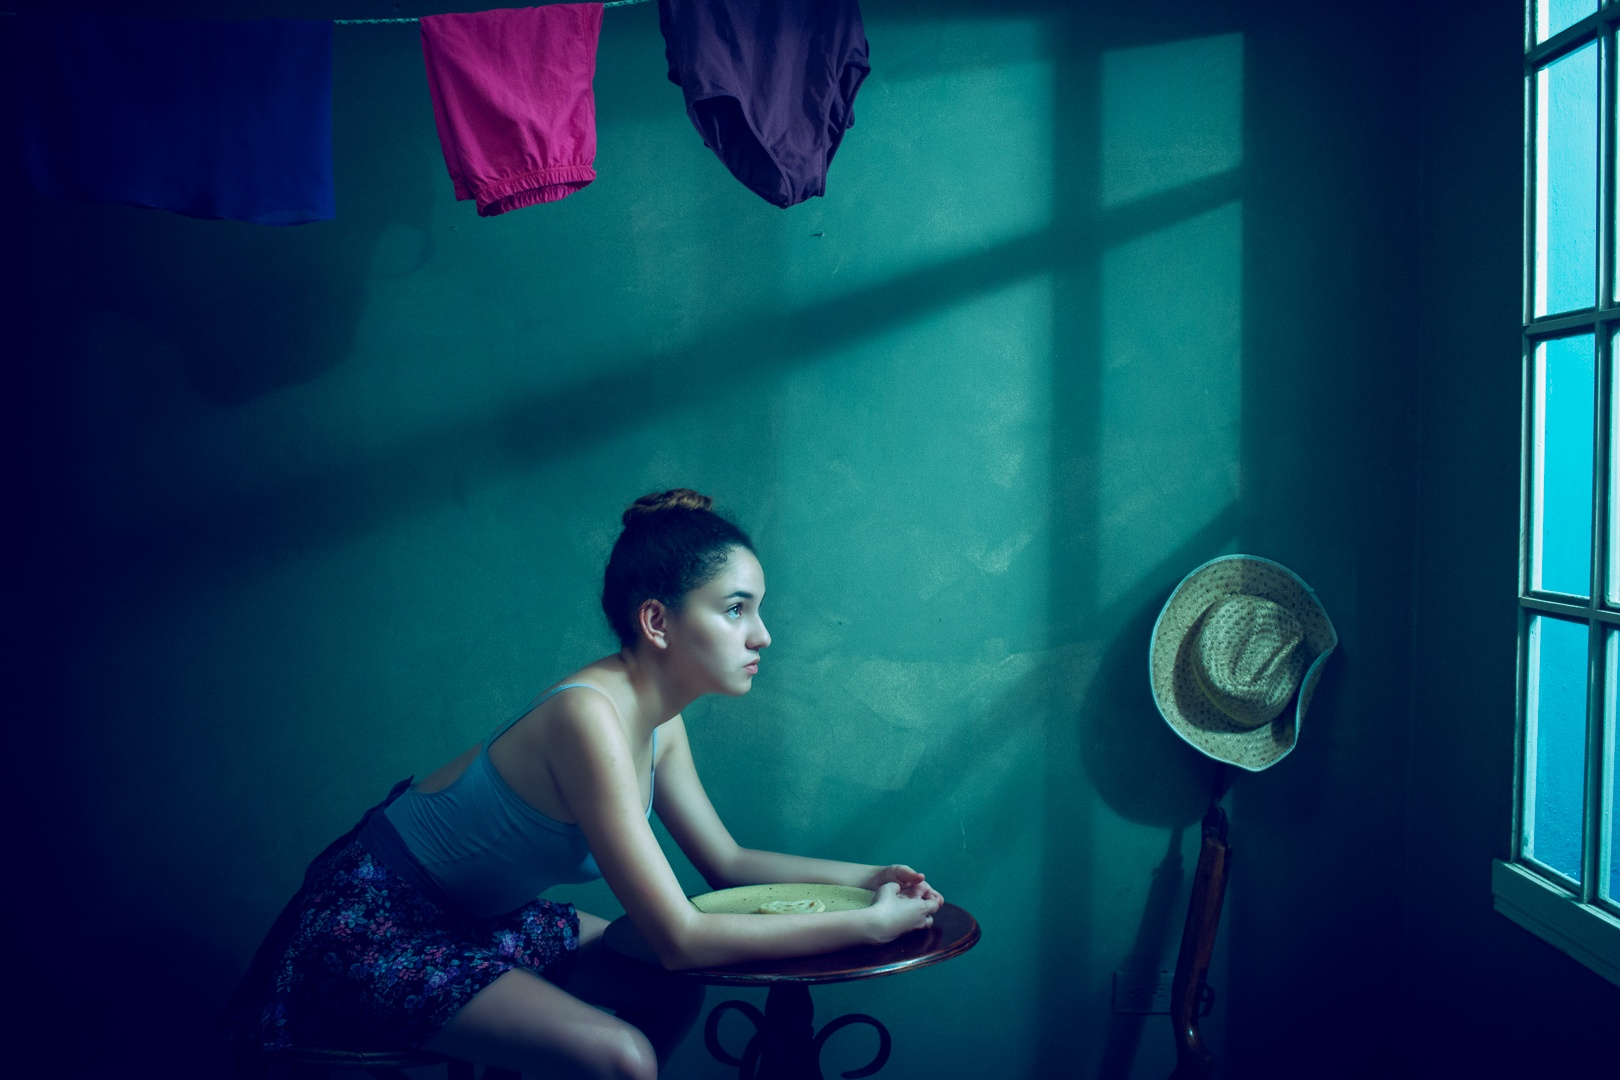 Poemas - Poemas - ALEJANDRO COUTINHO, Fotografía